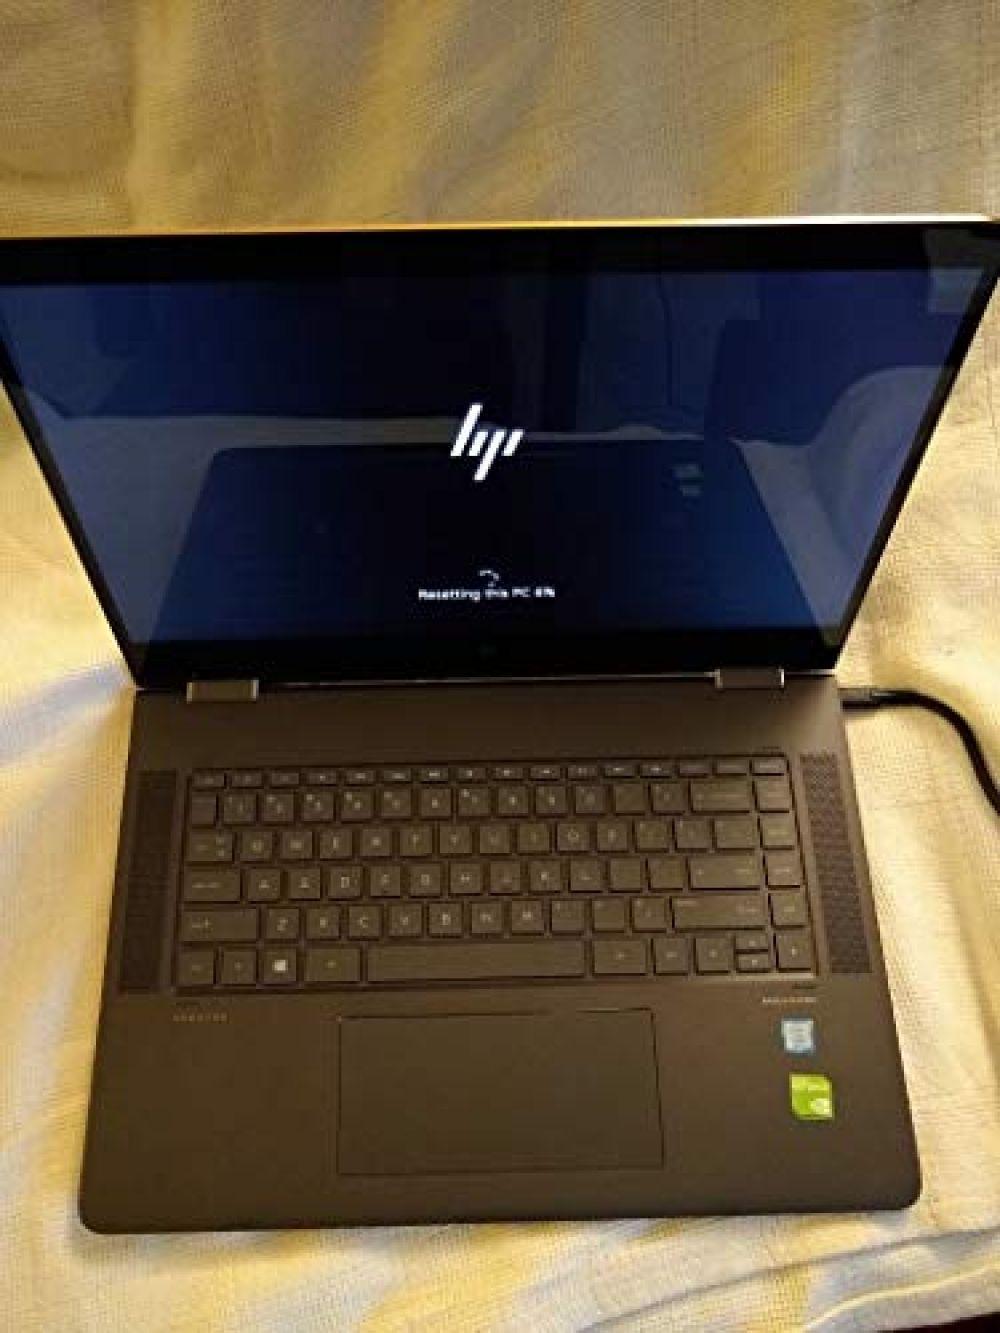 Hp Spectre X360 2 In 1 15 6 4k Ultra Hd Touch Screen Laptop Intel I7 8th Gen Cpu 8550u Quad Core 16gb Memory 512gb S Touch Screen Laptop Hp Spectre Ssd